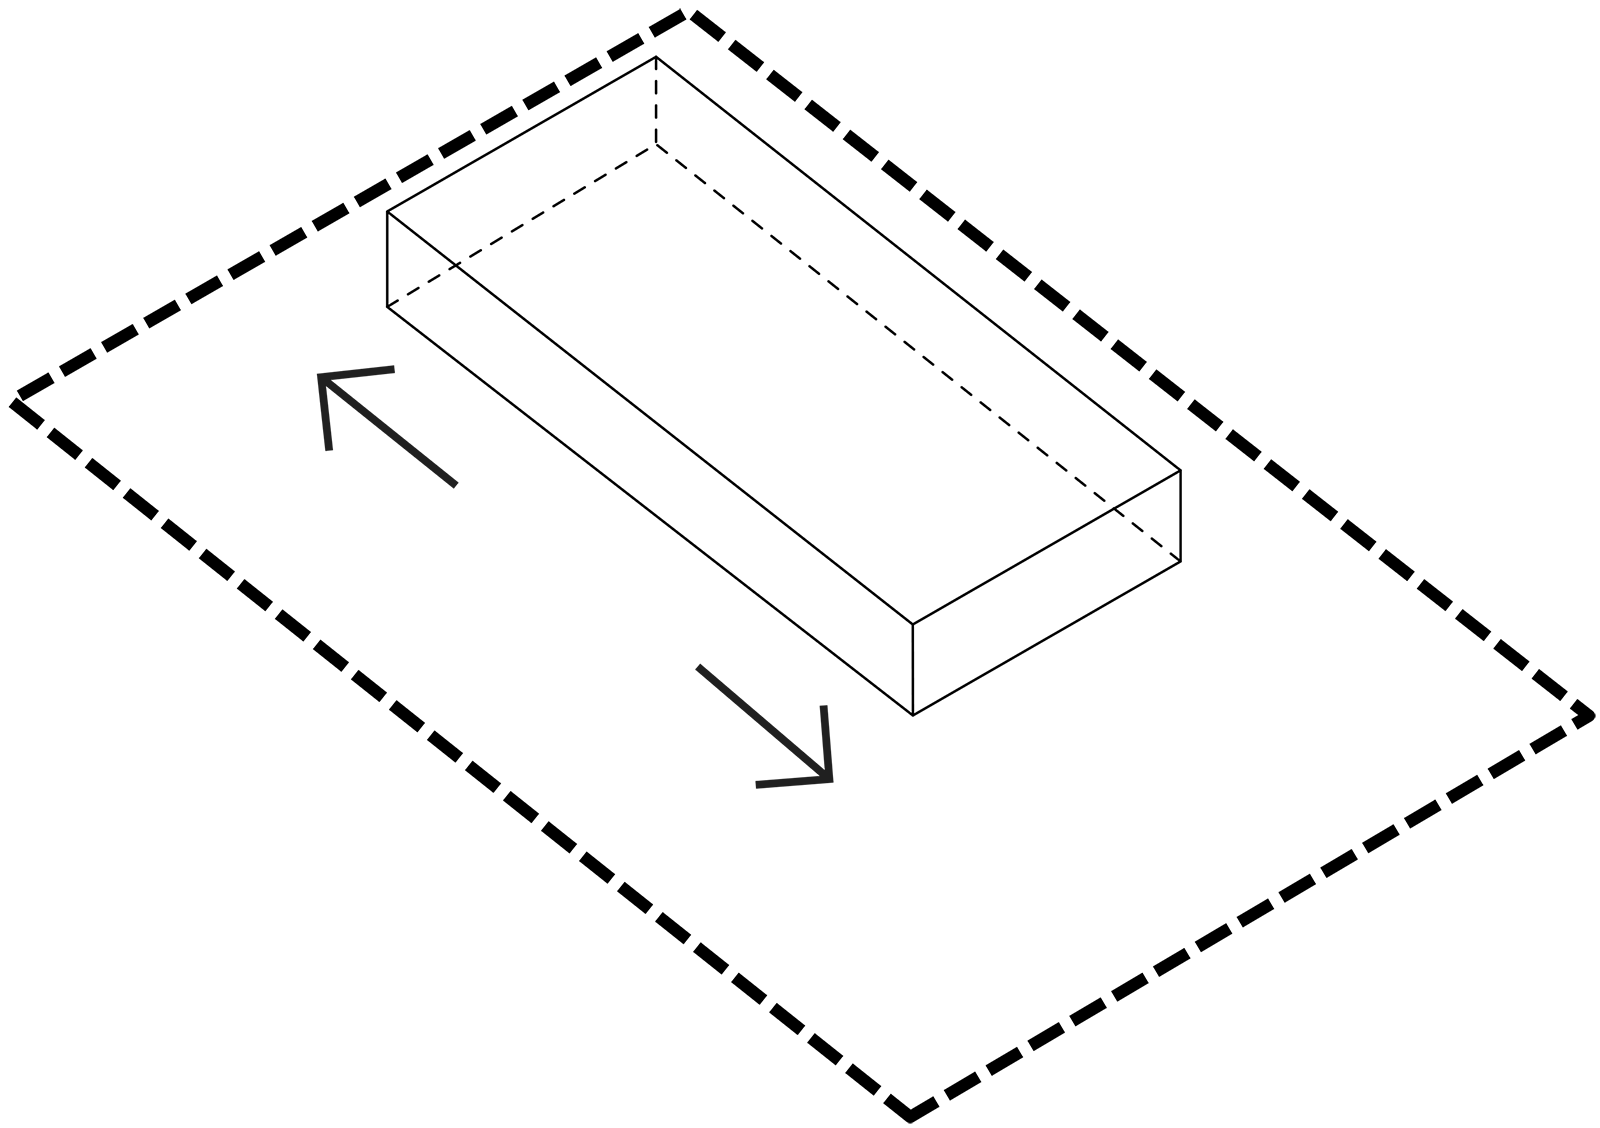 MLC-ZLO-dom-AXO-schmat-b-01-1600px